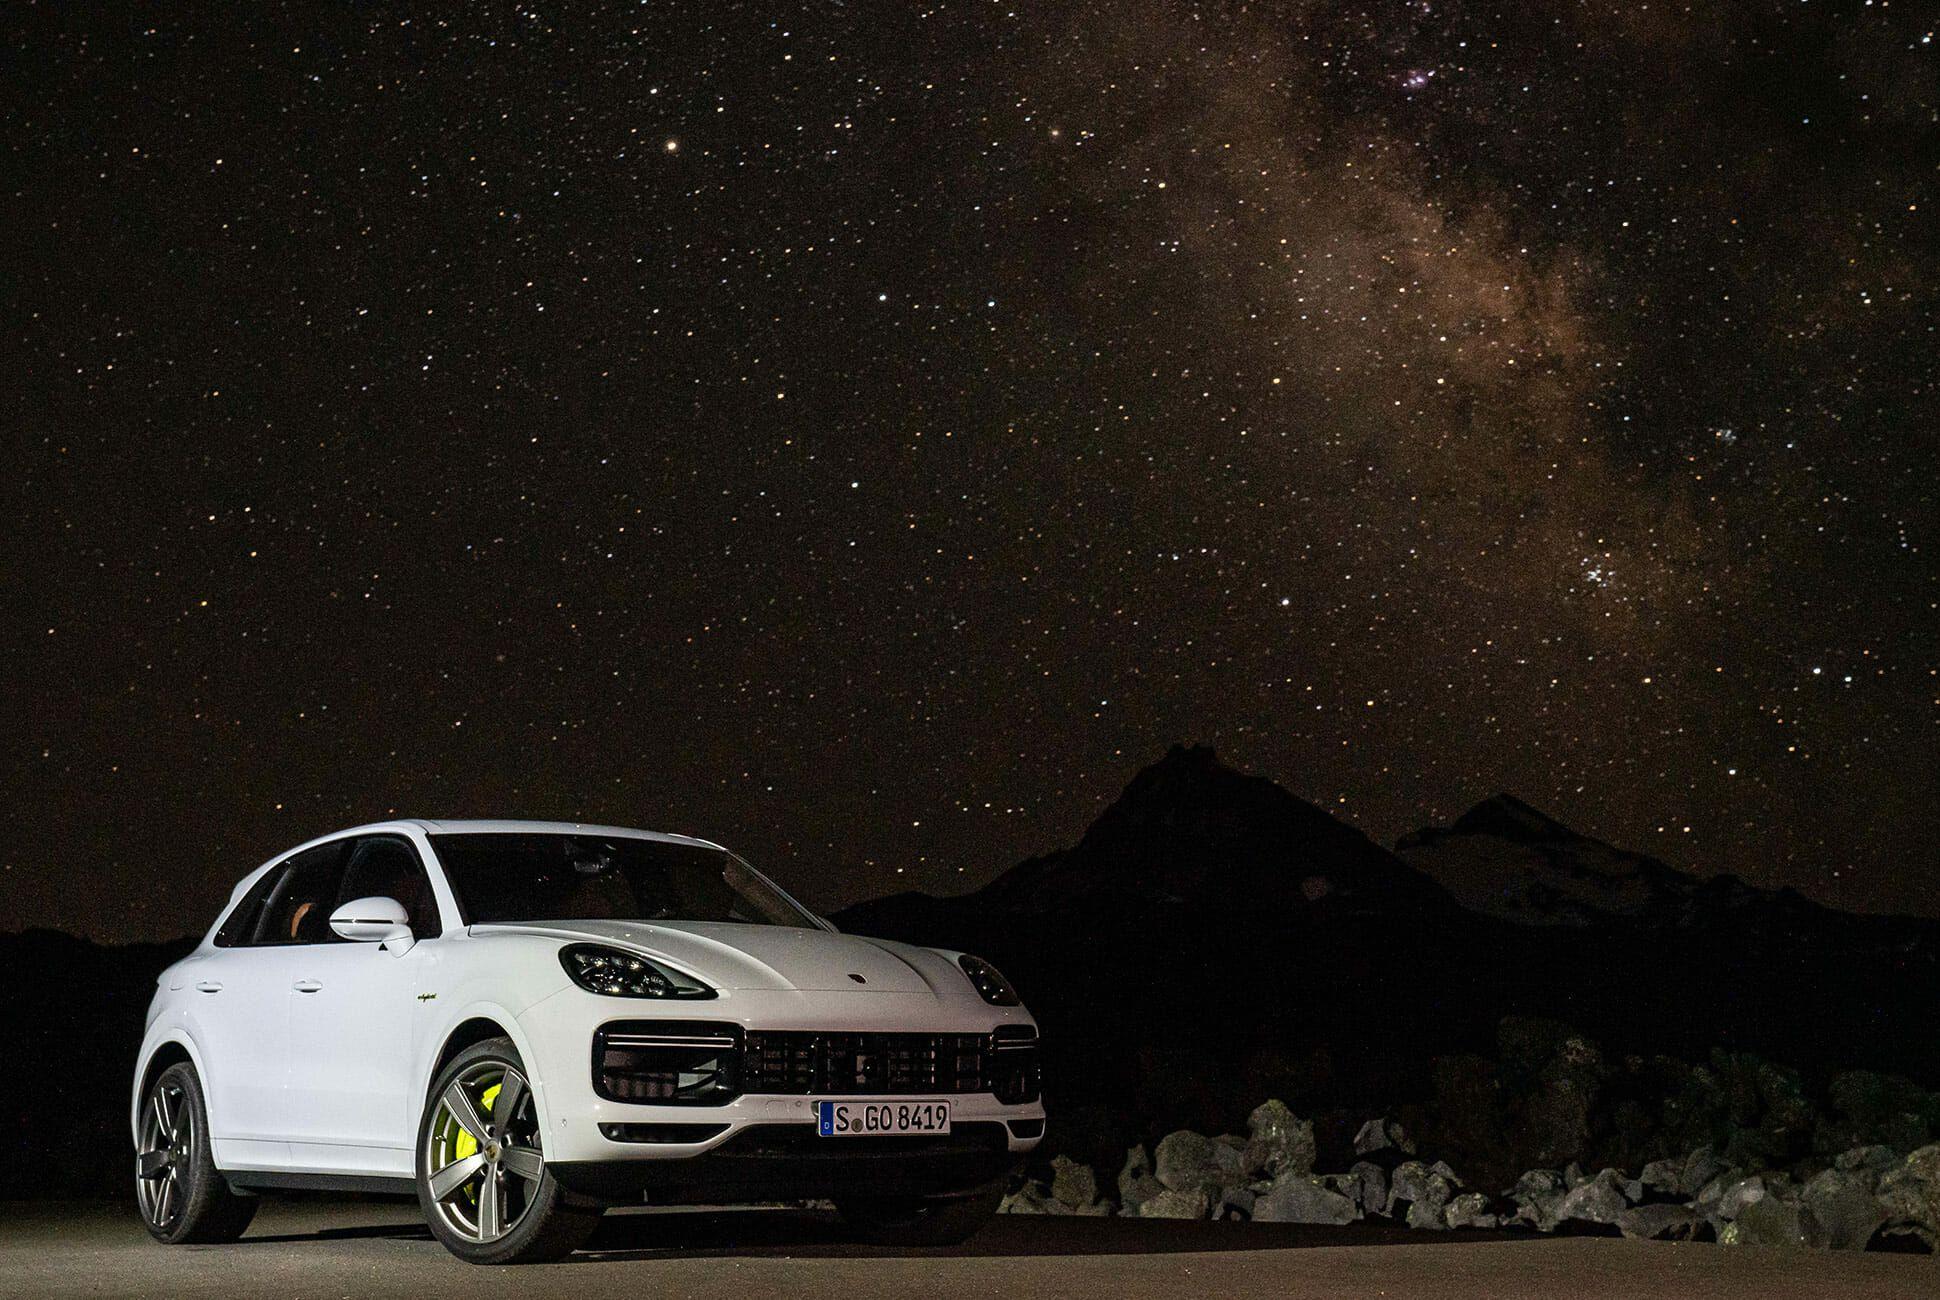 Pair-of-High-Tech-Porsche-Cayenne-Hybrids-gear-patrol-lead-slide-9